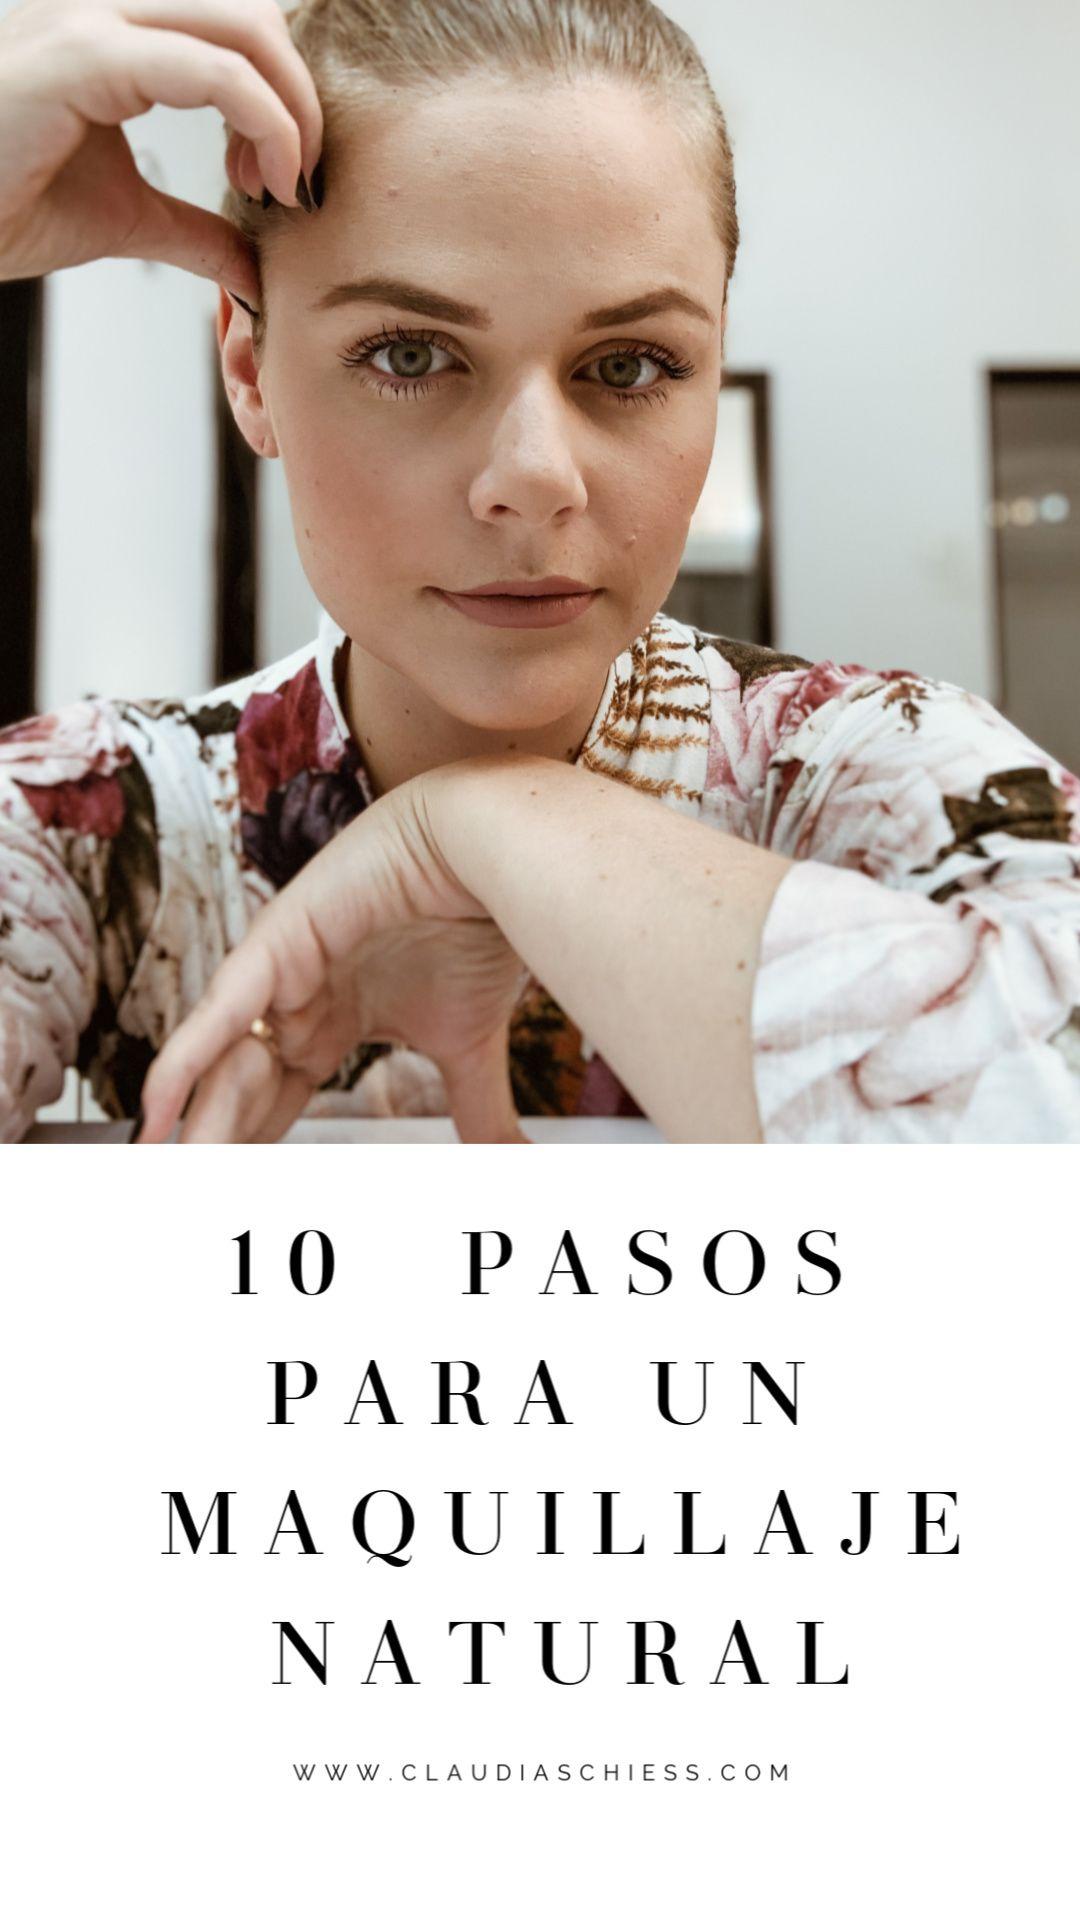 10 PASOS PARA UN MAQUILLAJE NATURAL   – Maquillaje